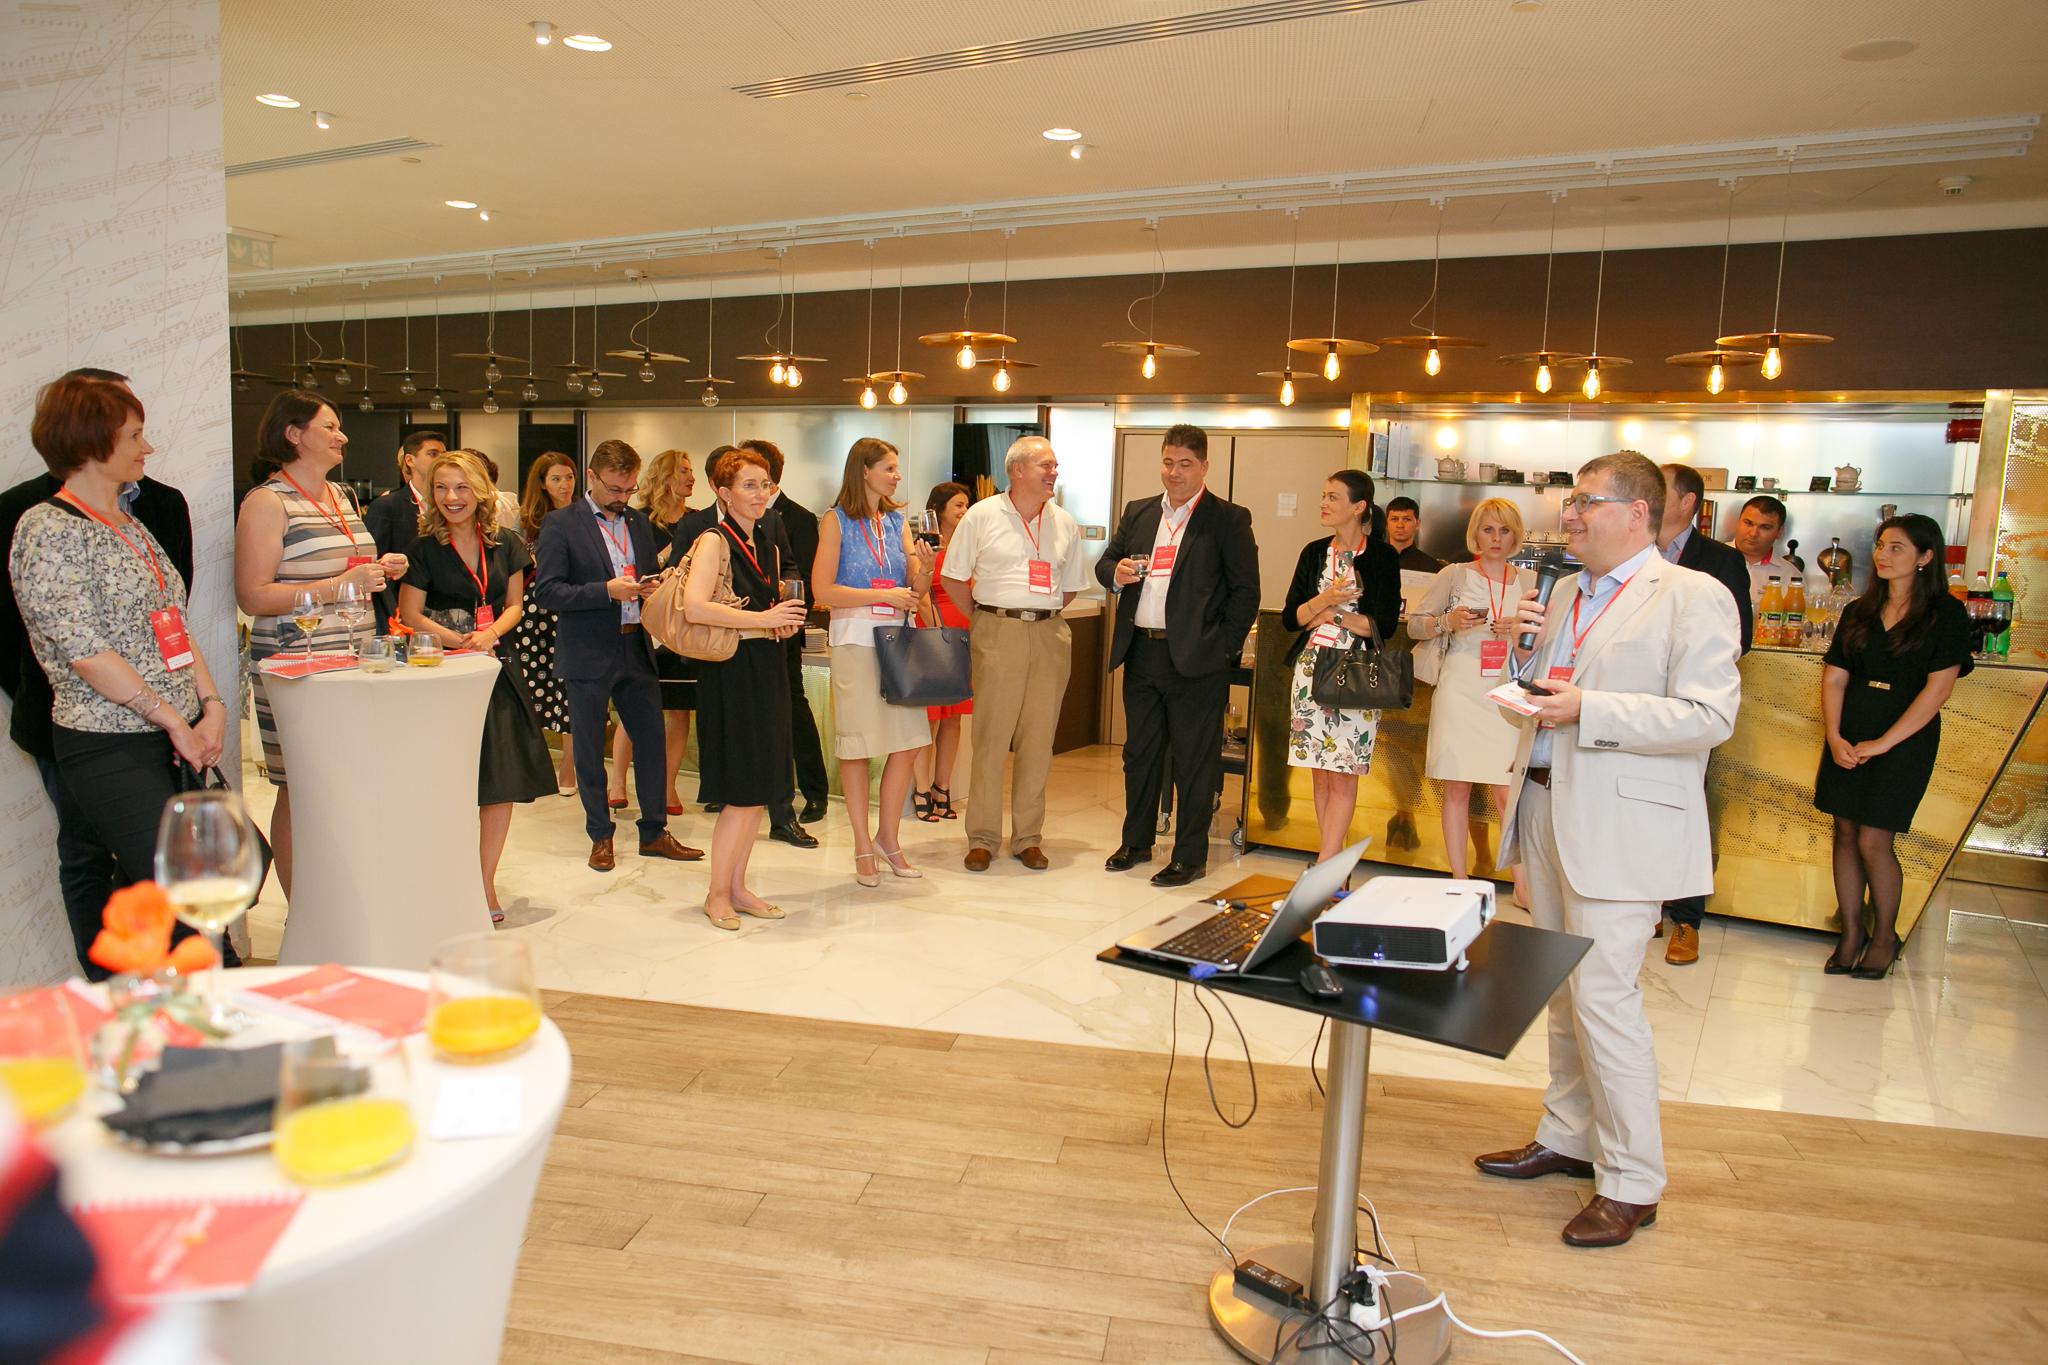 Comunitatea managerilor din industria farma s-a reunit la cocktailul Global Manager